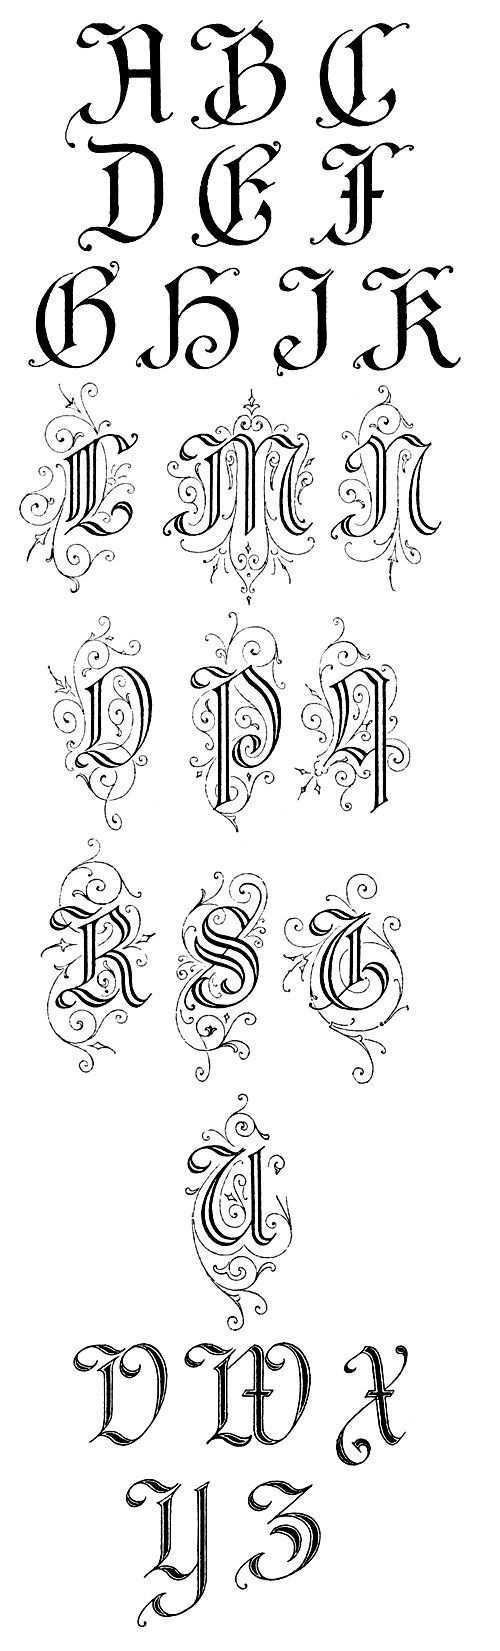 Gothic Alphabets Karen S Whimsy Buchstaben Schriftarten Alphabet Buchstaben Gotisches Alphabet